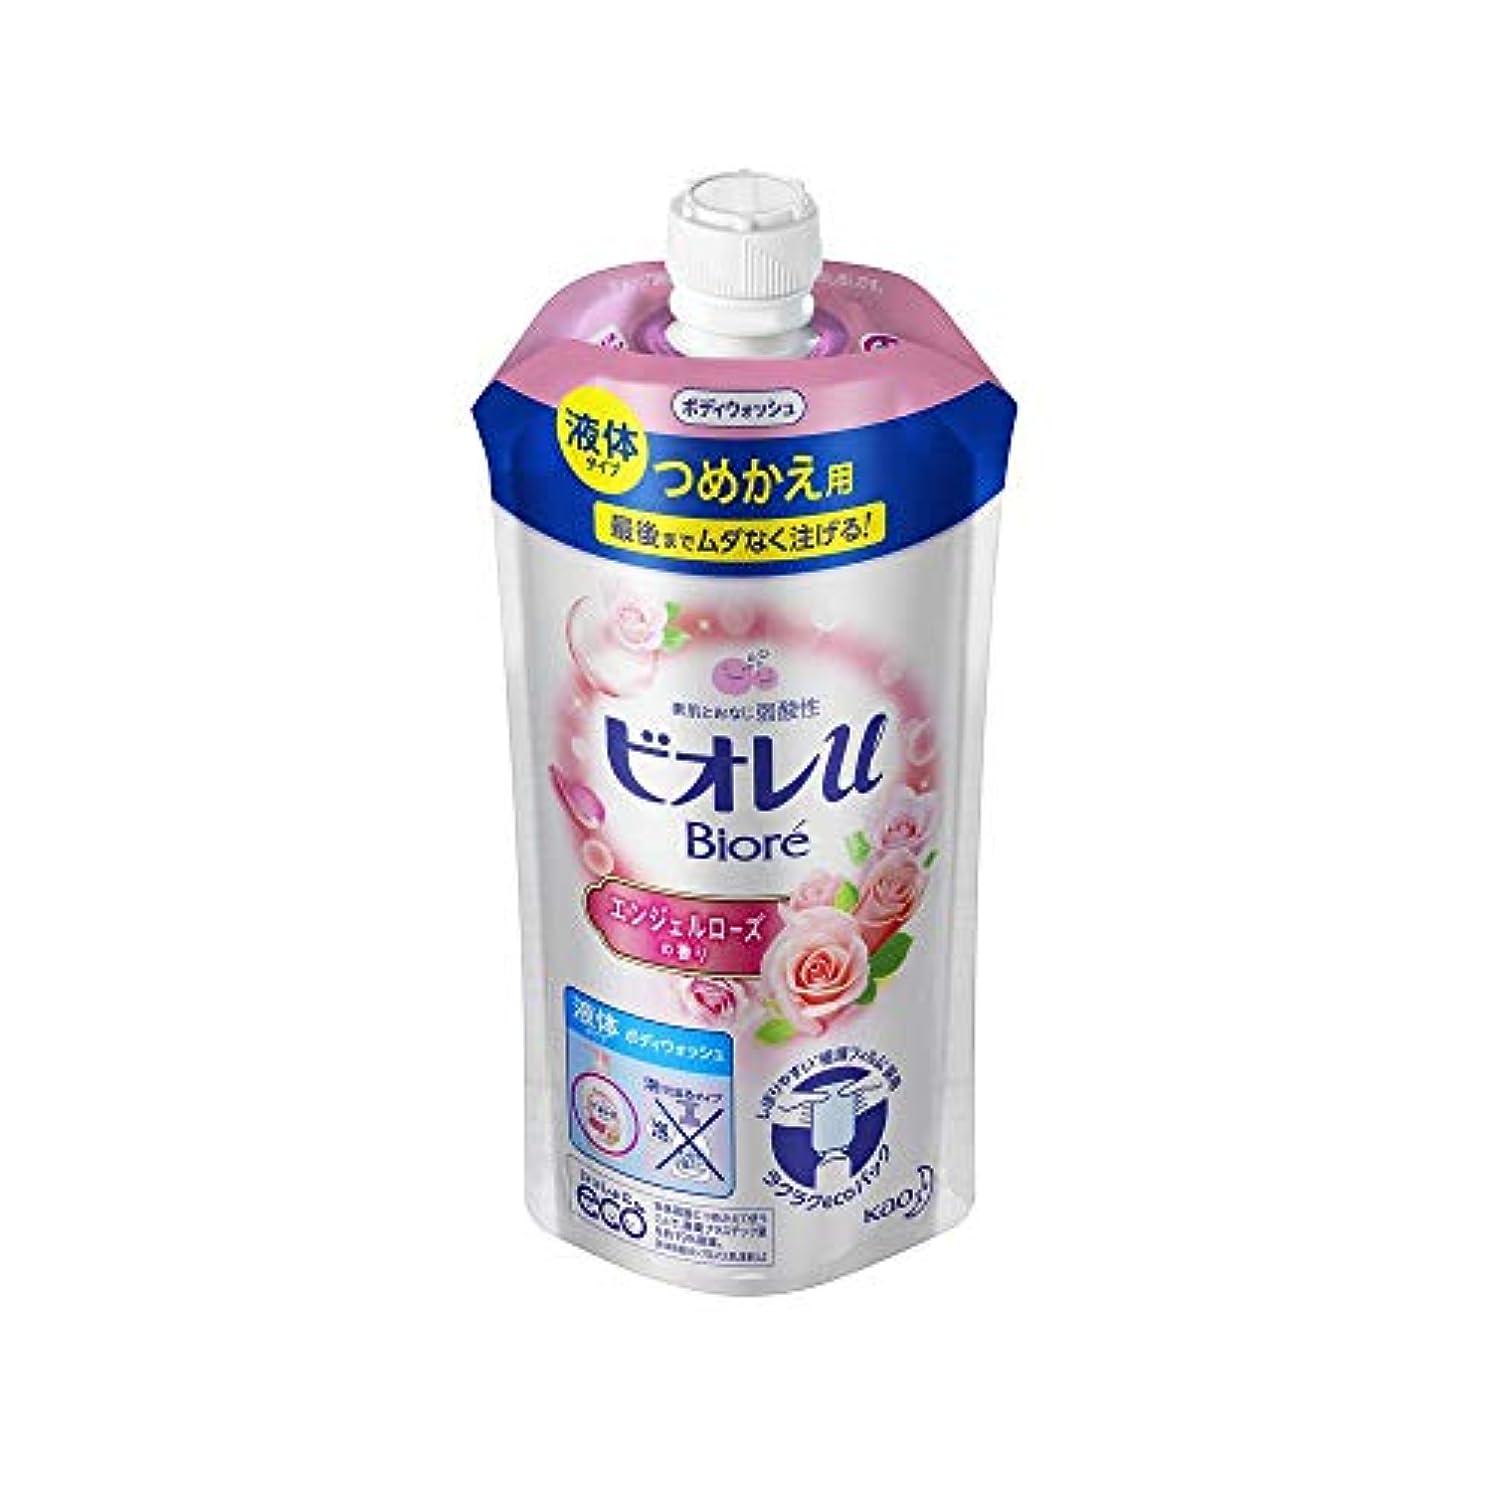 離す悲惨な近所の花王 ビオレu エンジェルローズの香りつめかえ用 340ML